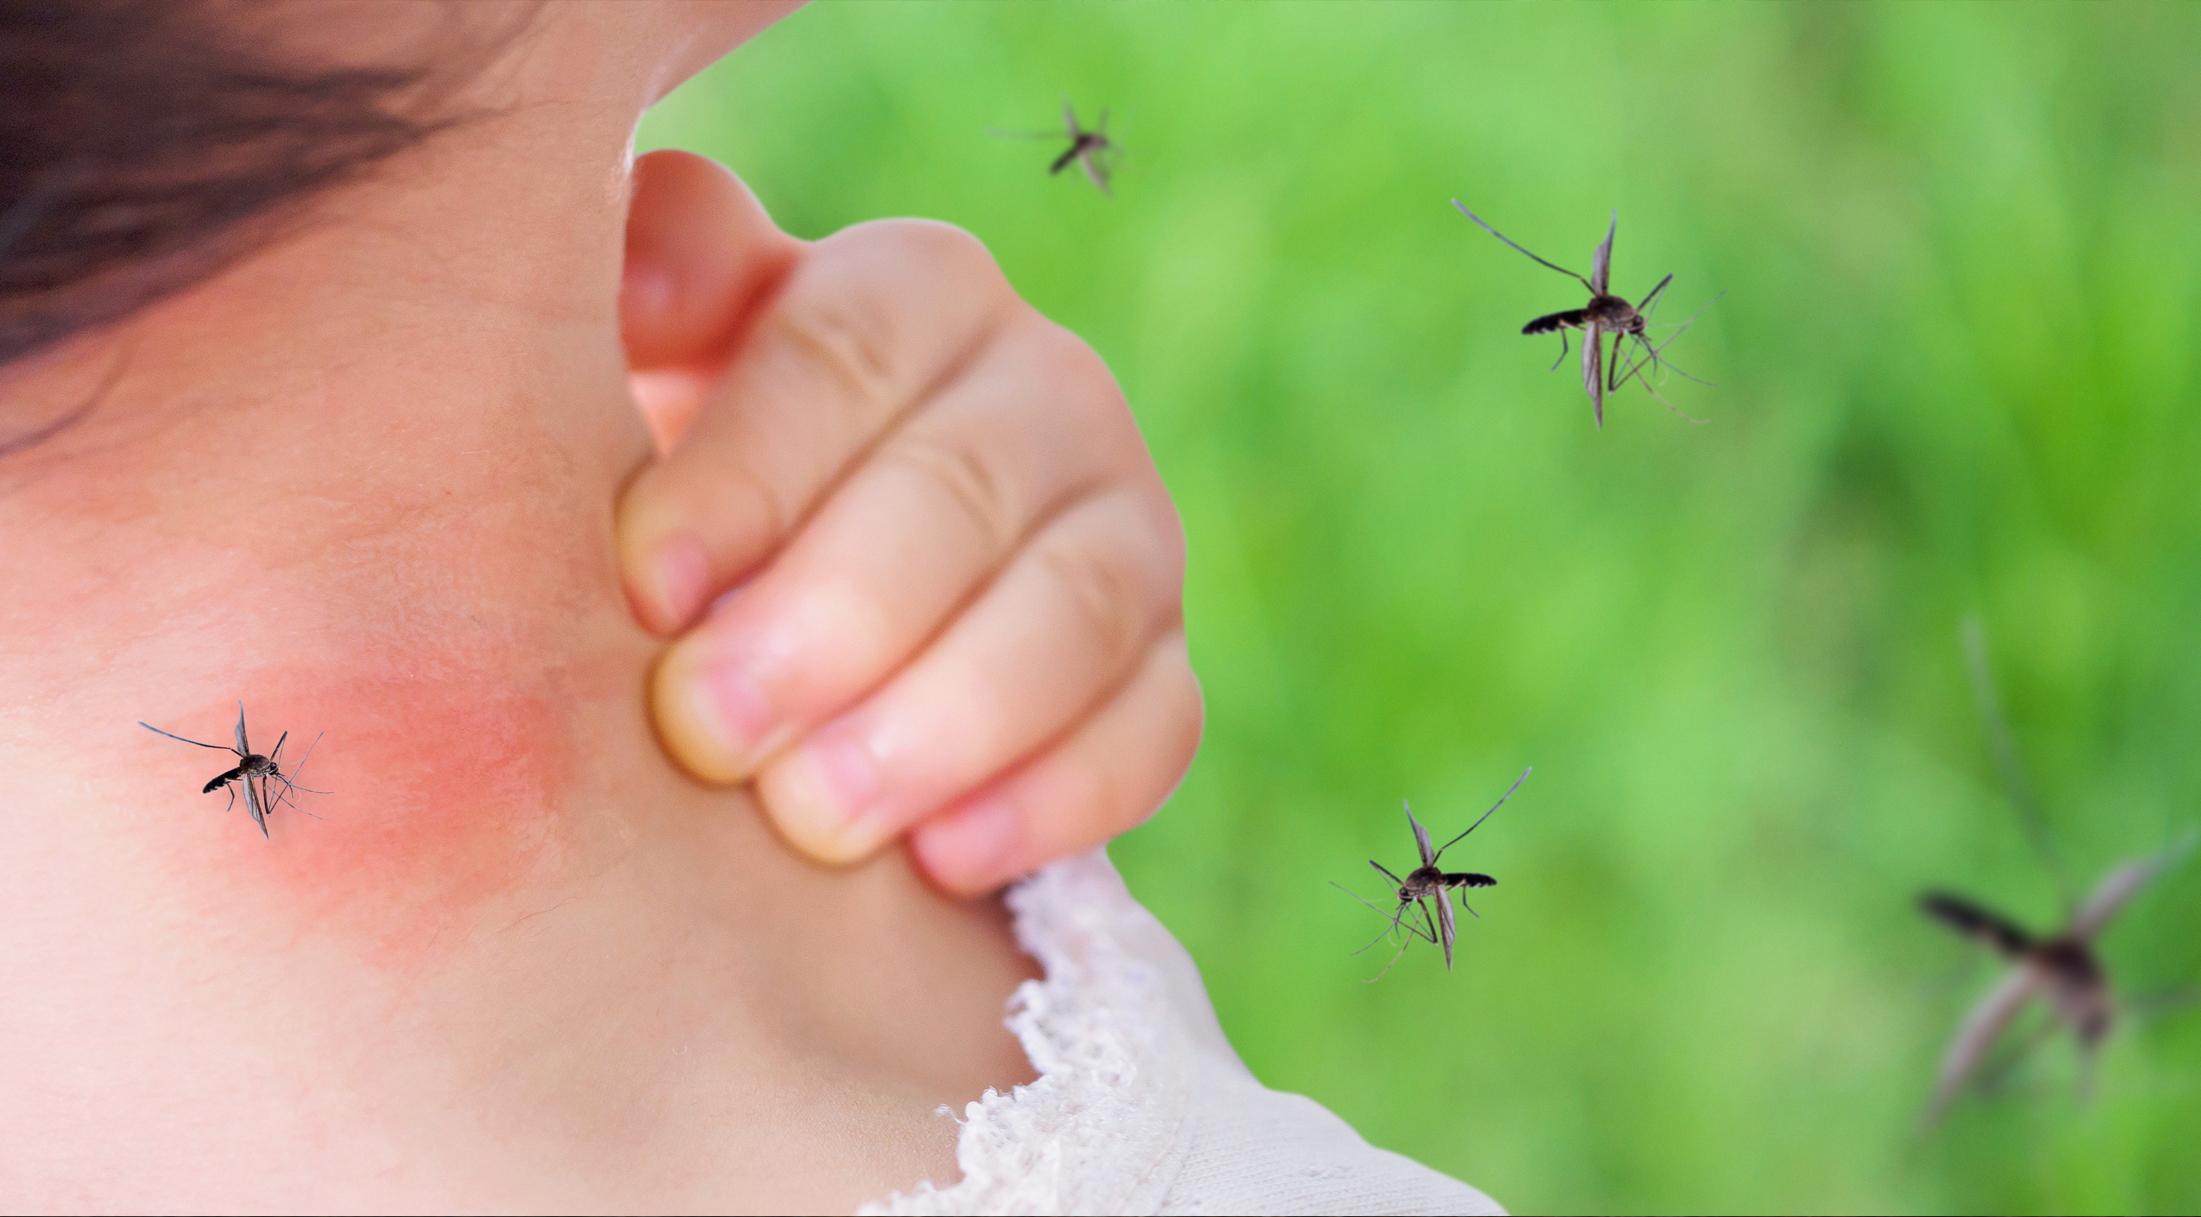 Insektenstiche: Schützen Sie sich im Vorfeld, um eine Behandlung zu verhindern